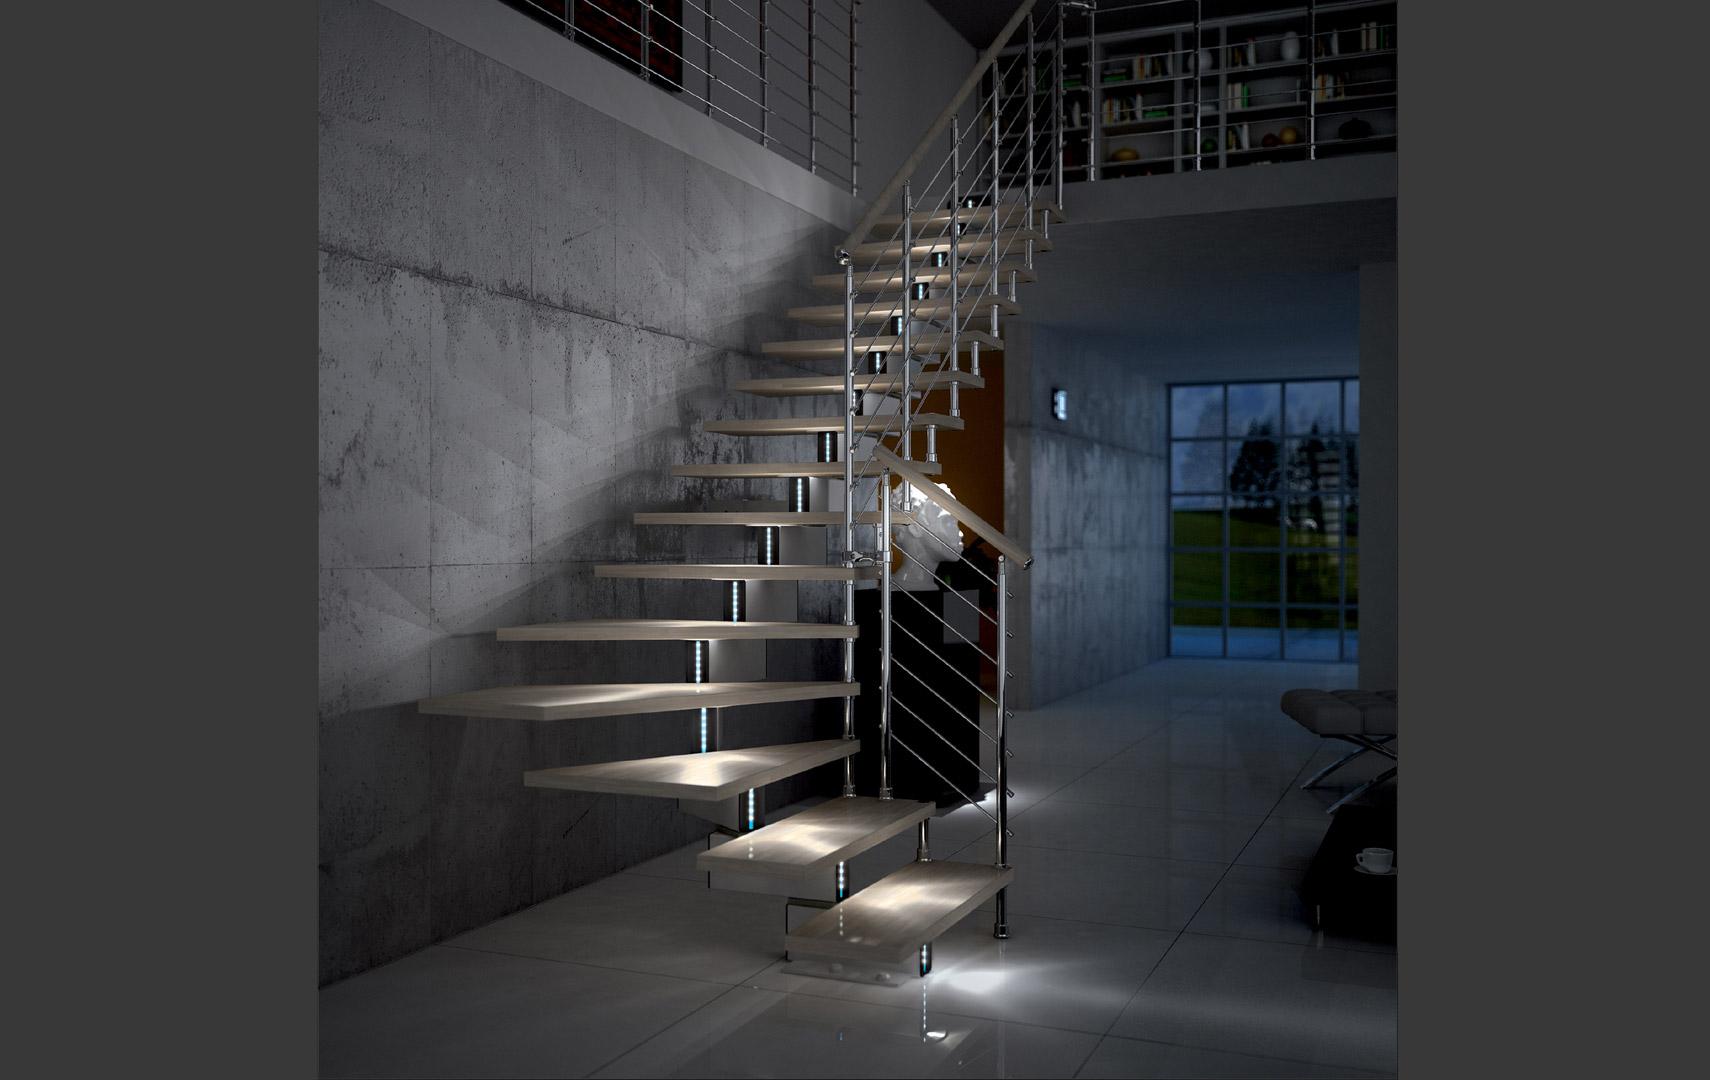 Led pour les escaliers voici 20 id es d co pour vous inspirer - Luci per scale ...